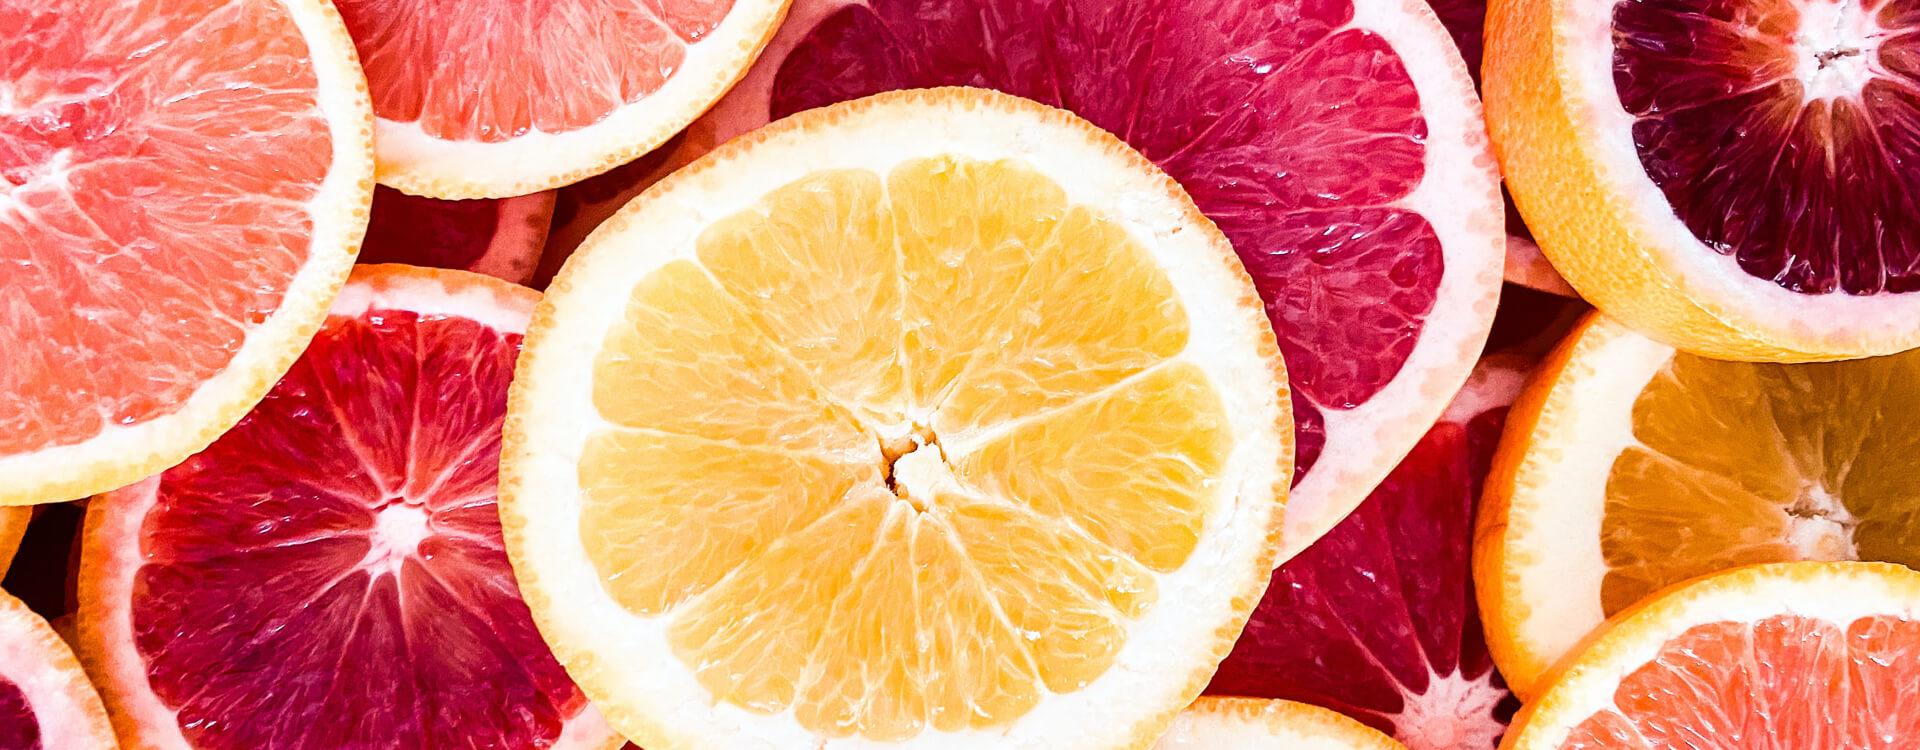 Ovocie: citrusové plody nakrájané na plátky, detail